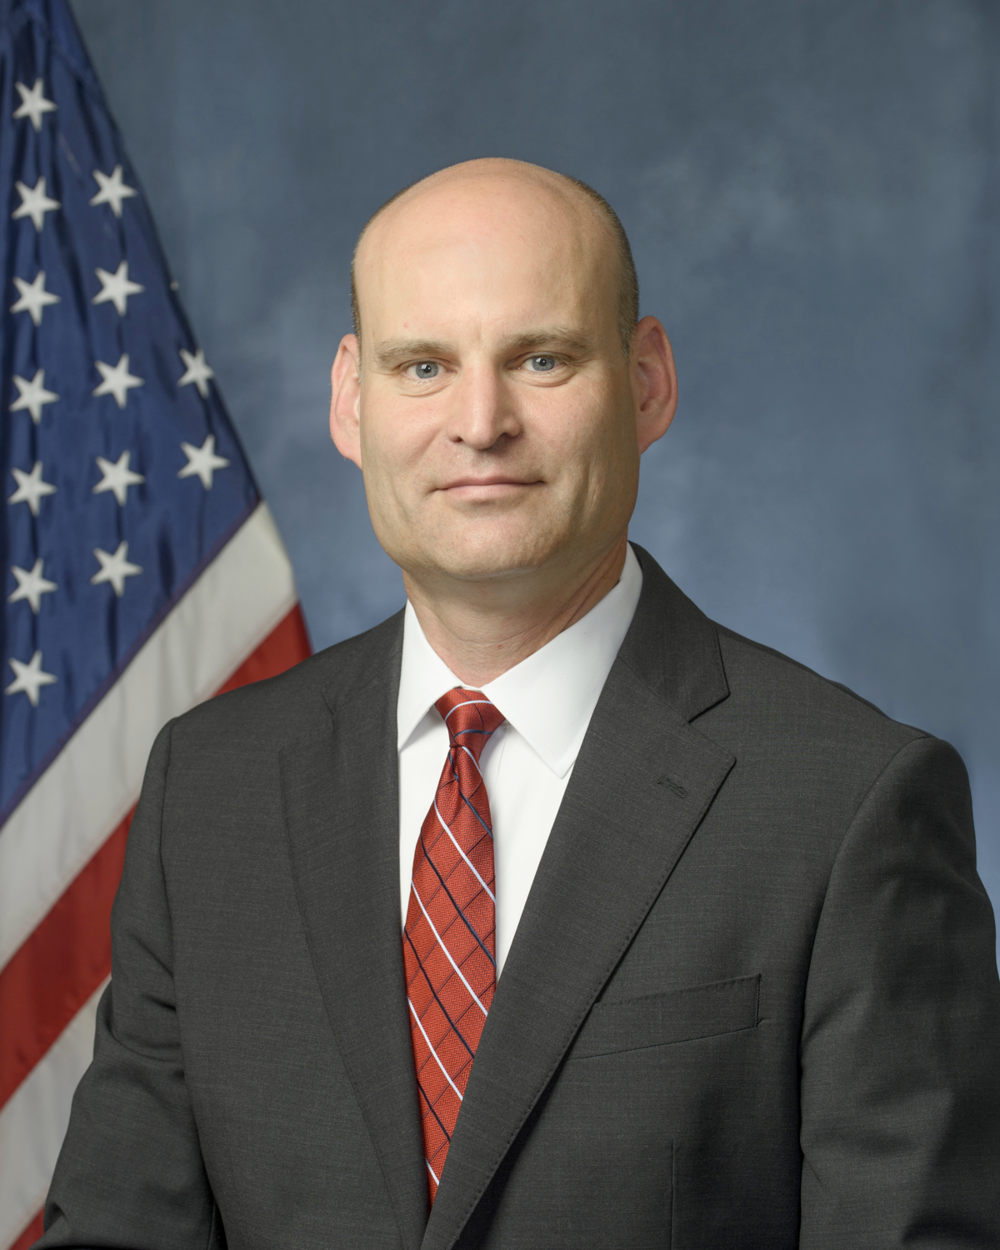 Paul Dvorak, Secret Service